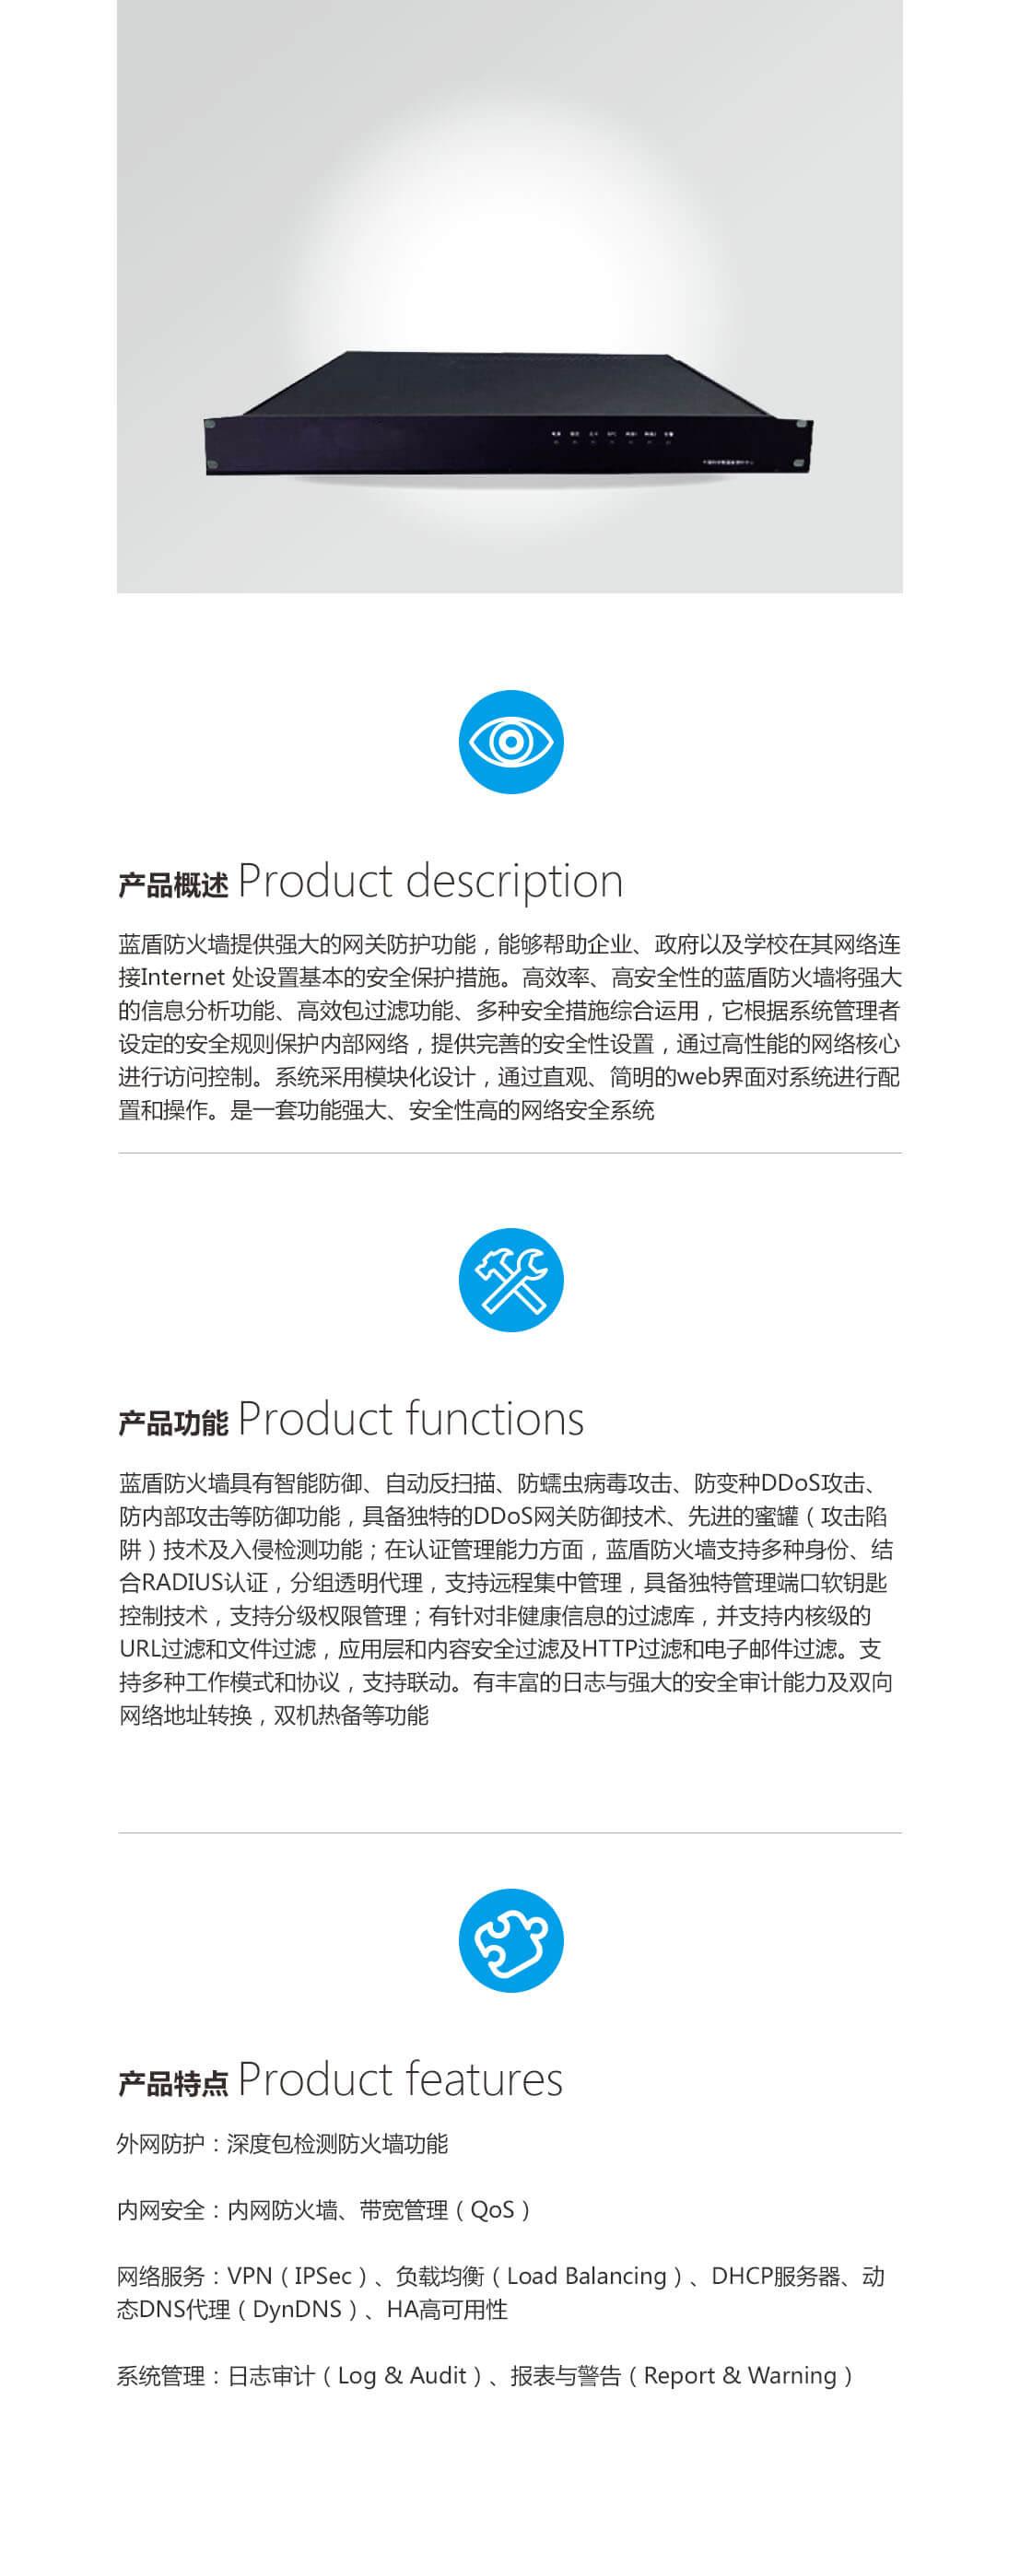 设备产品描述页模板 裁切(1).jpg